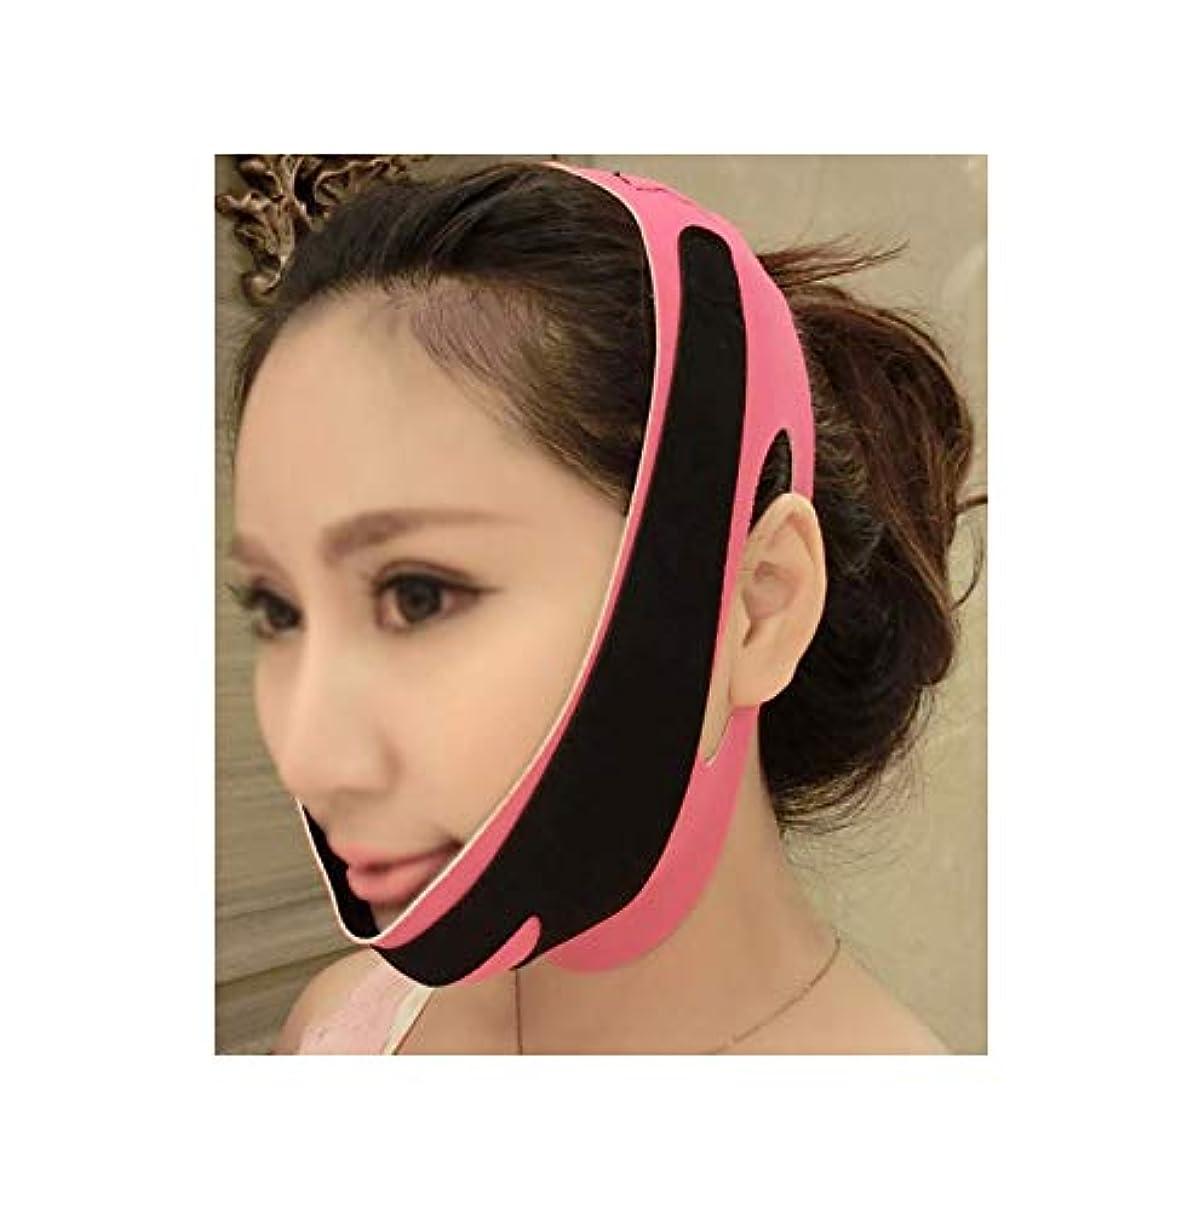 薄い顔の包帯の顔のスリムを取り除く二重あごを取り除くVラインの顔の形を作成するあごの頬リフトアップアンチリンクルリフティングベルトフェイスマッサージツール女性と女の子用(3フェイス包帯)